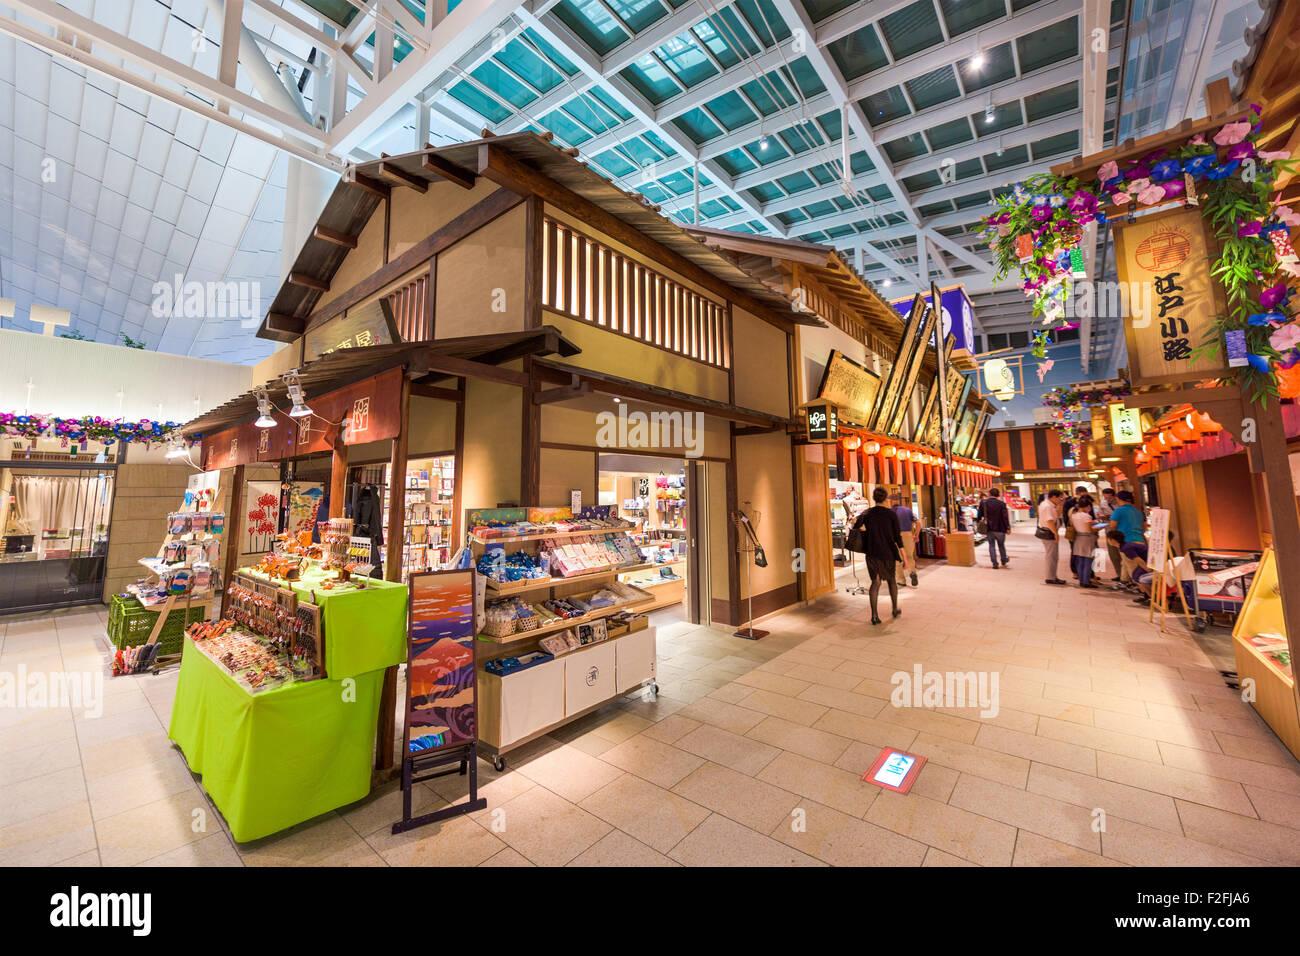 Haneda airport at the Edo market in Tokyo, Japan. - Stock Image